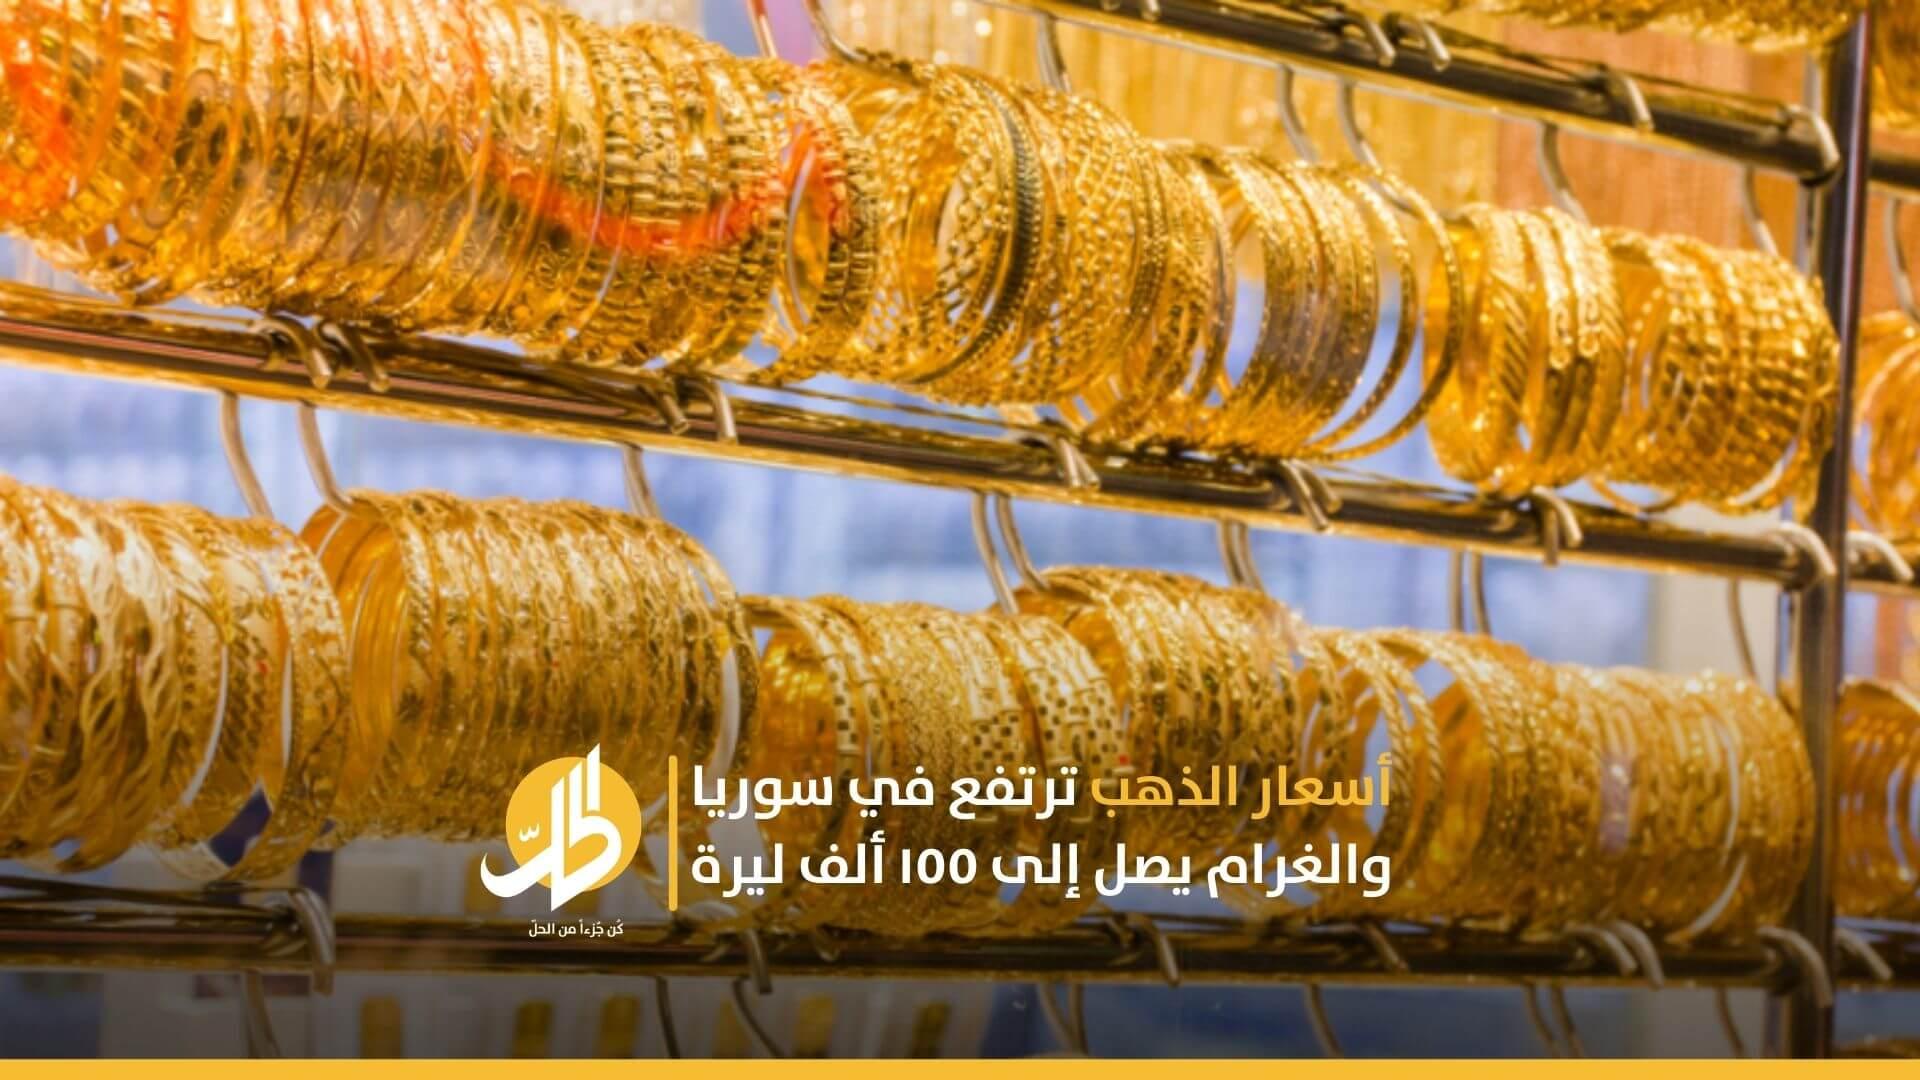 أسعار الذهب ترتفع في سوريا والغرام يصل إلى 155 ألف ليرة